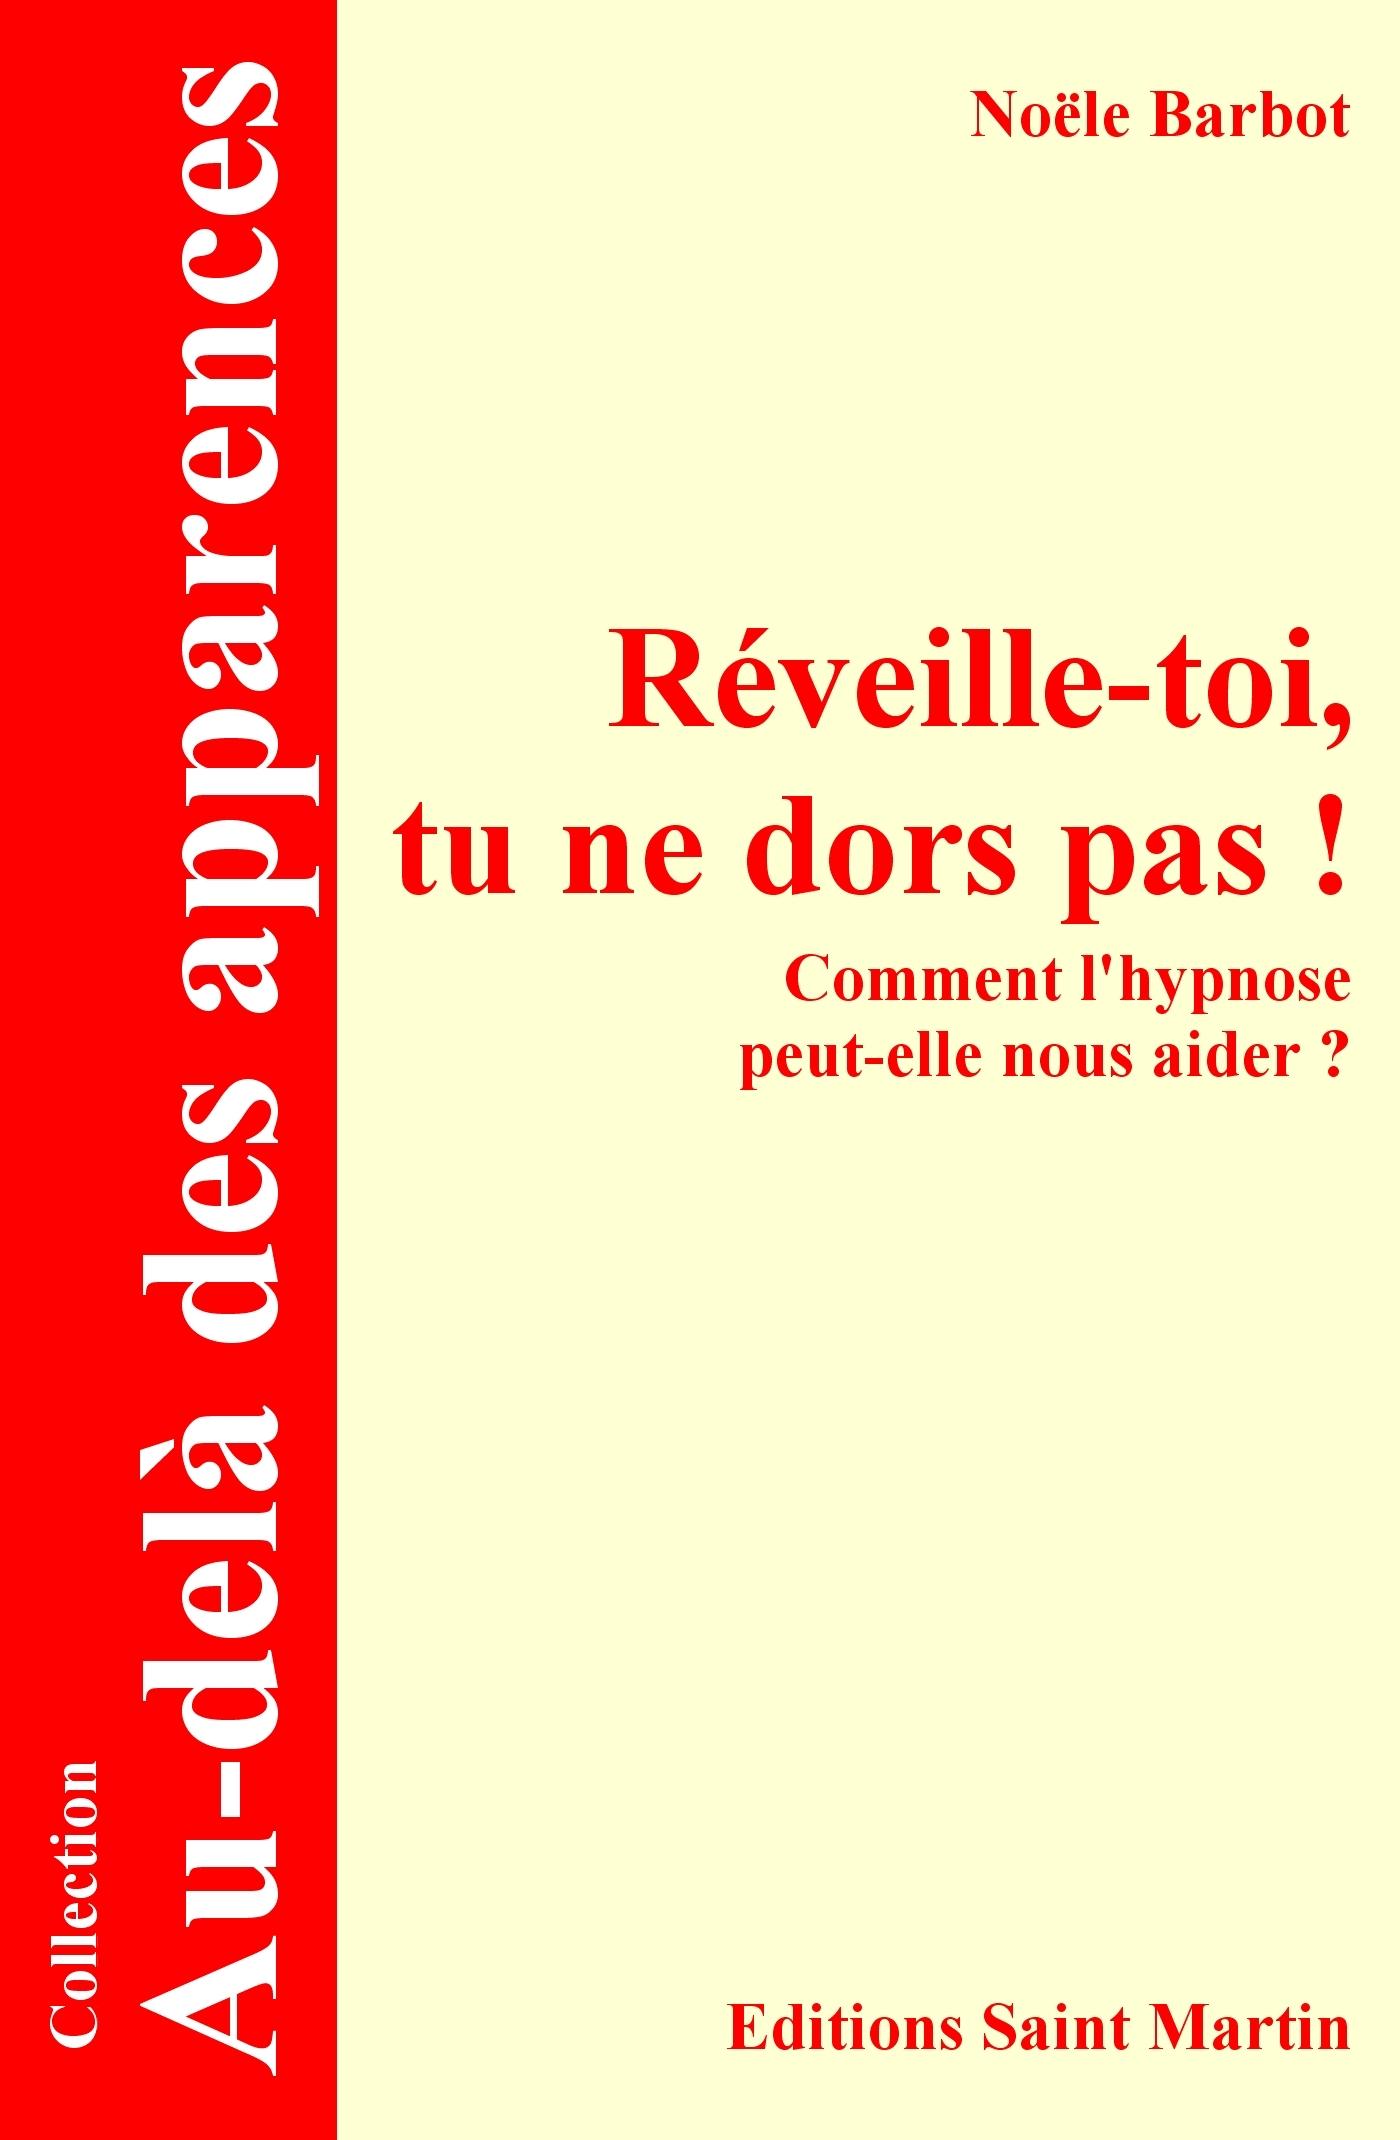 REVEILLE-TOI, TU NE DORS PAS ! COMMENT L'HYPNOSE PEUT-ELLE NOUS AIDER ,